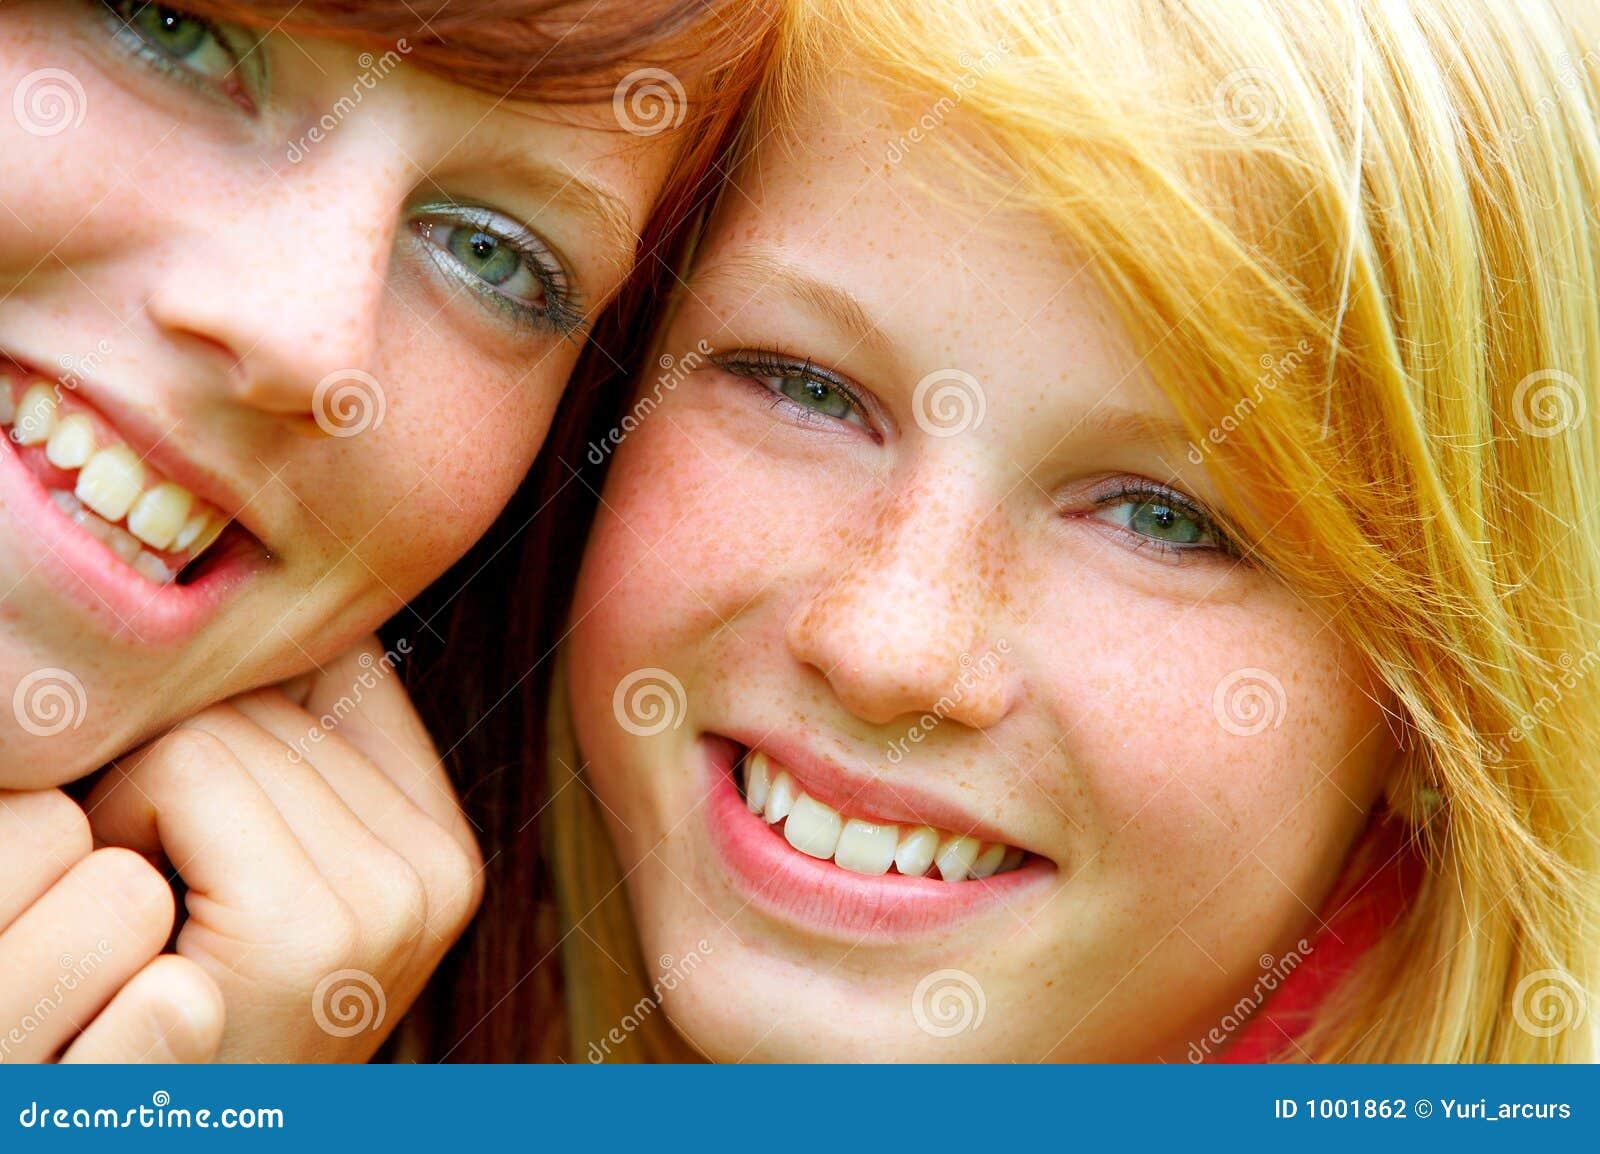 teen orgasams close ups